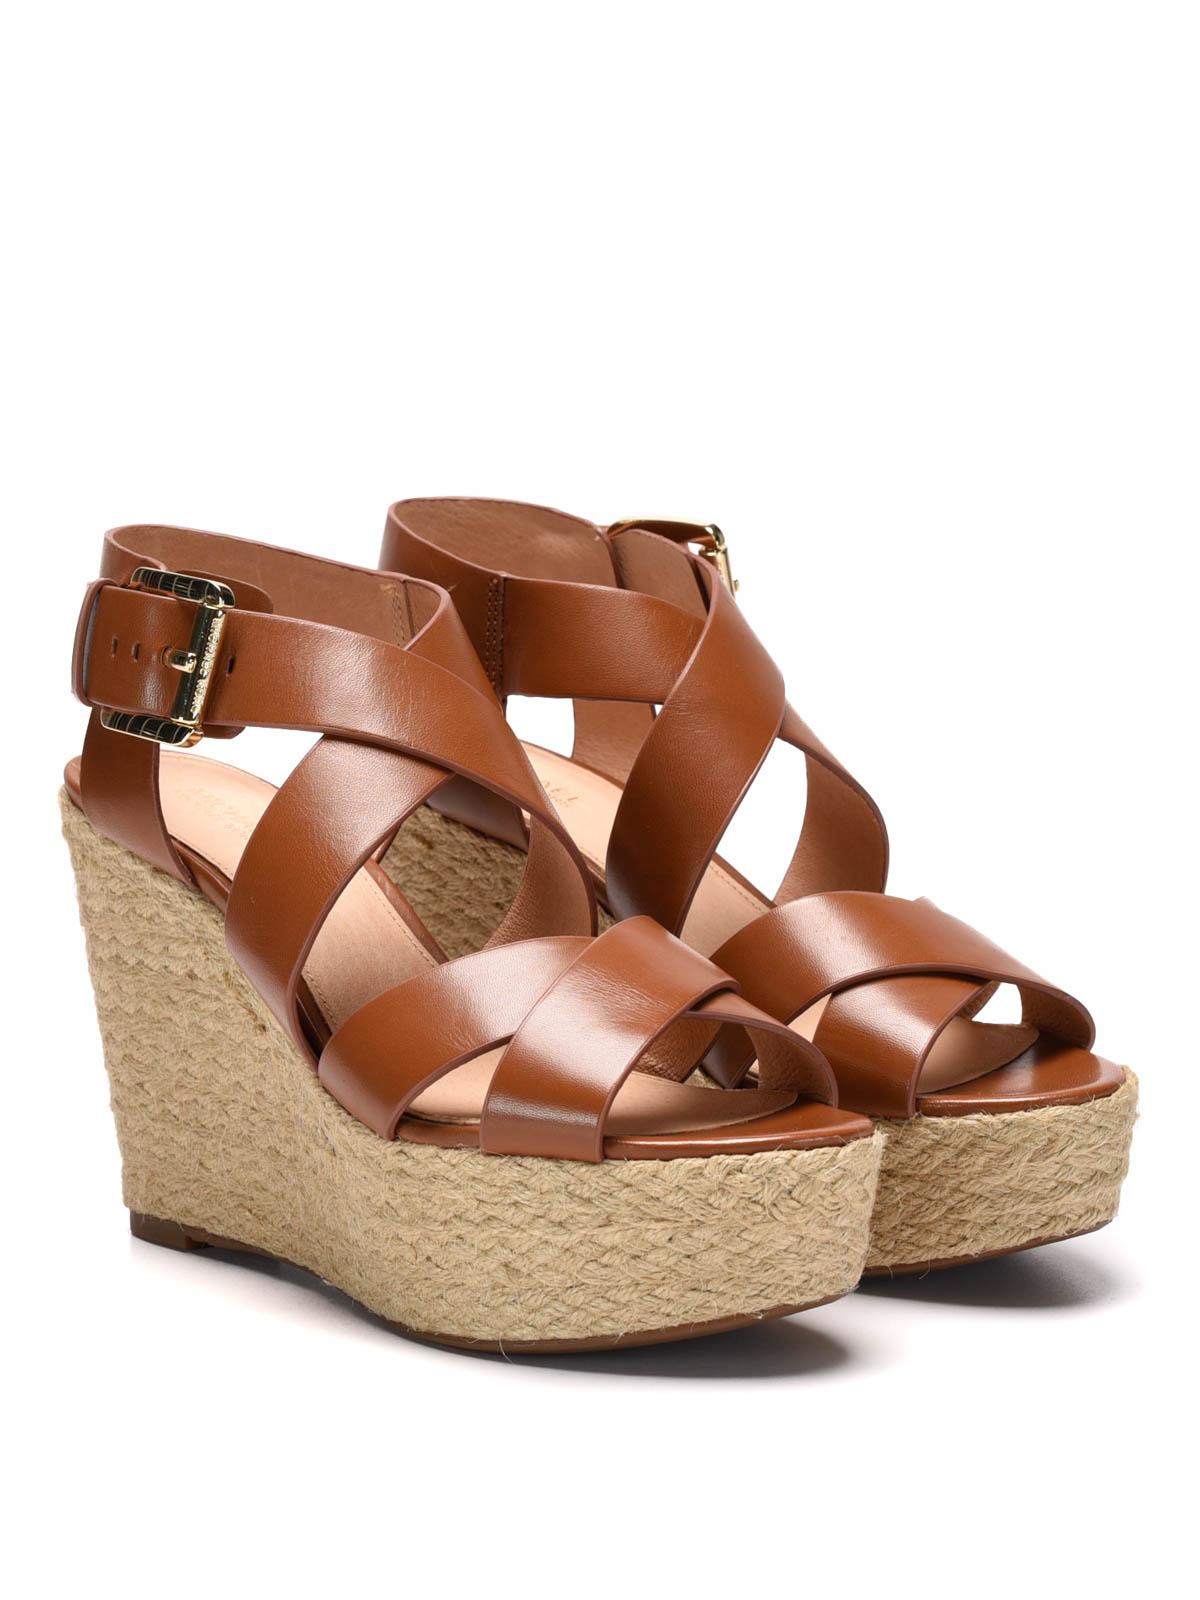 Michael kors sandals | Michael kors sandals, Michael kors